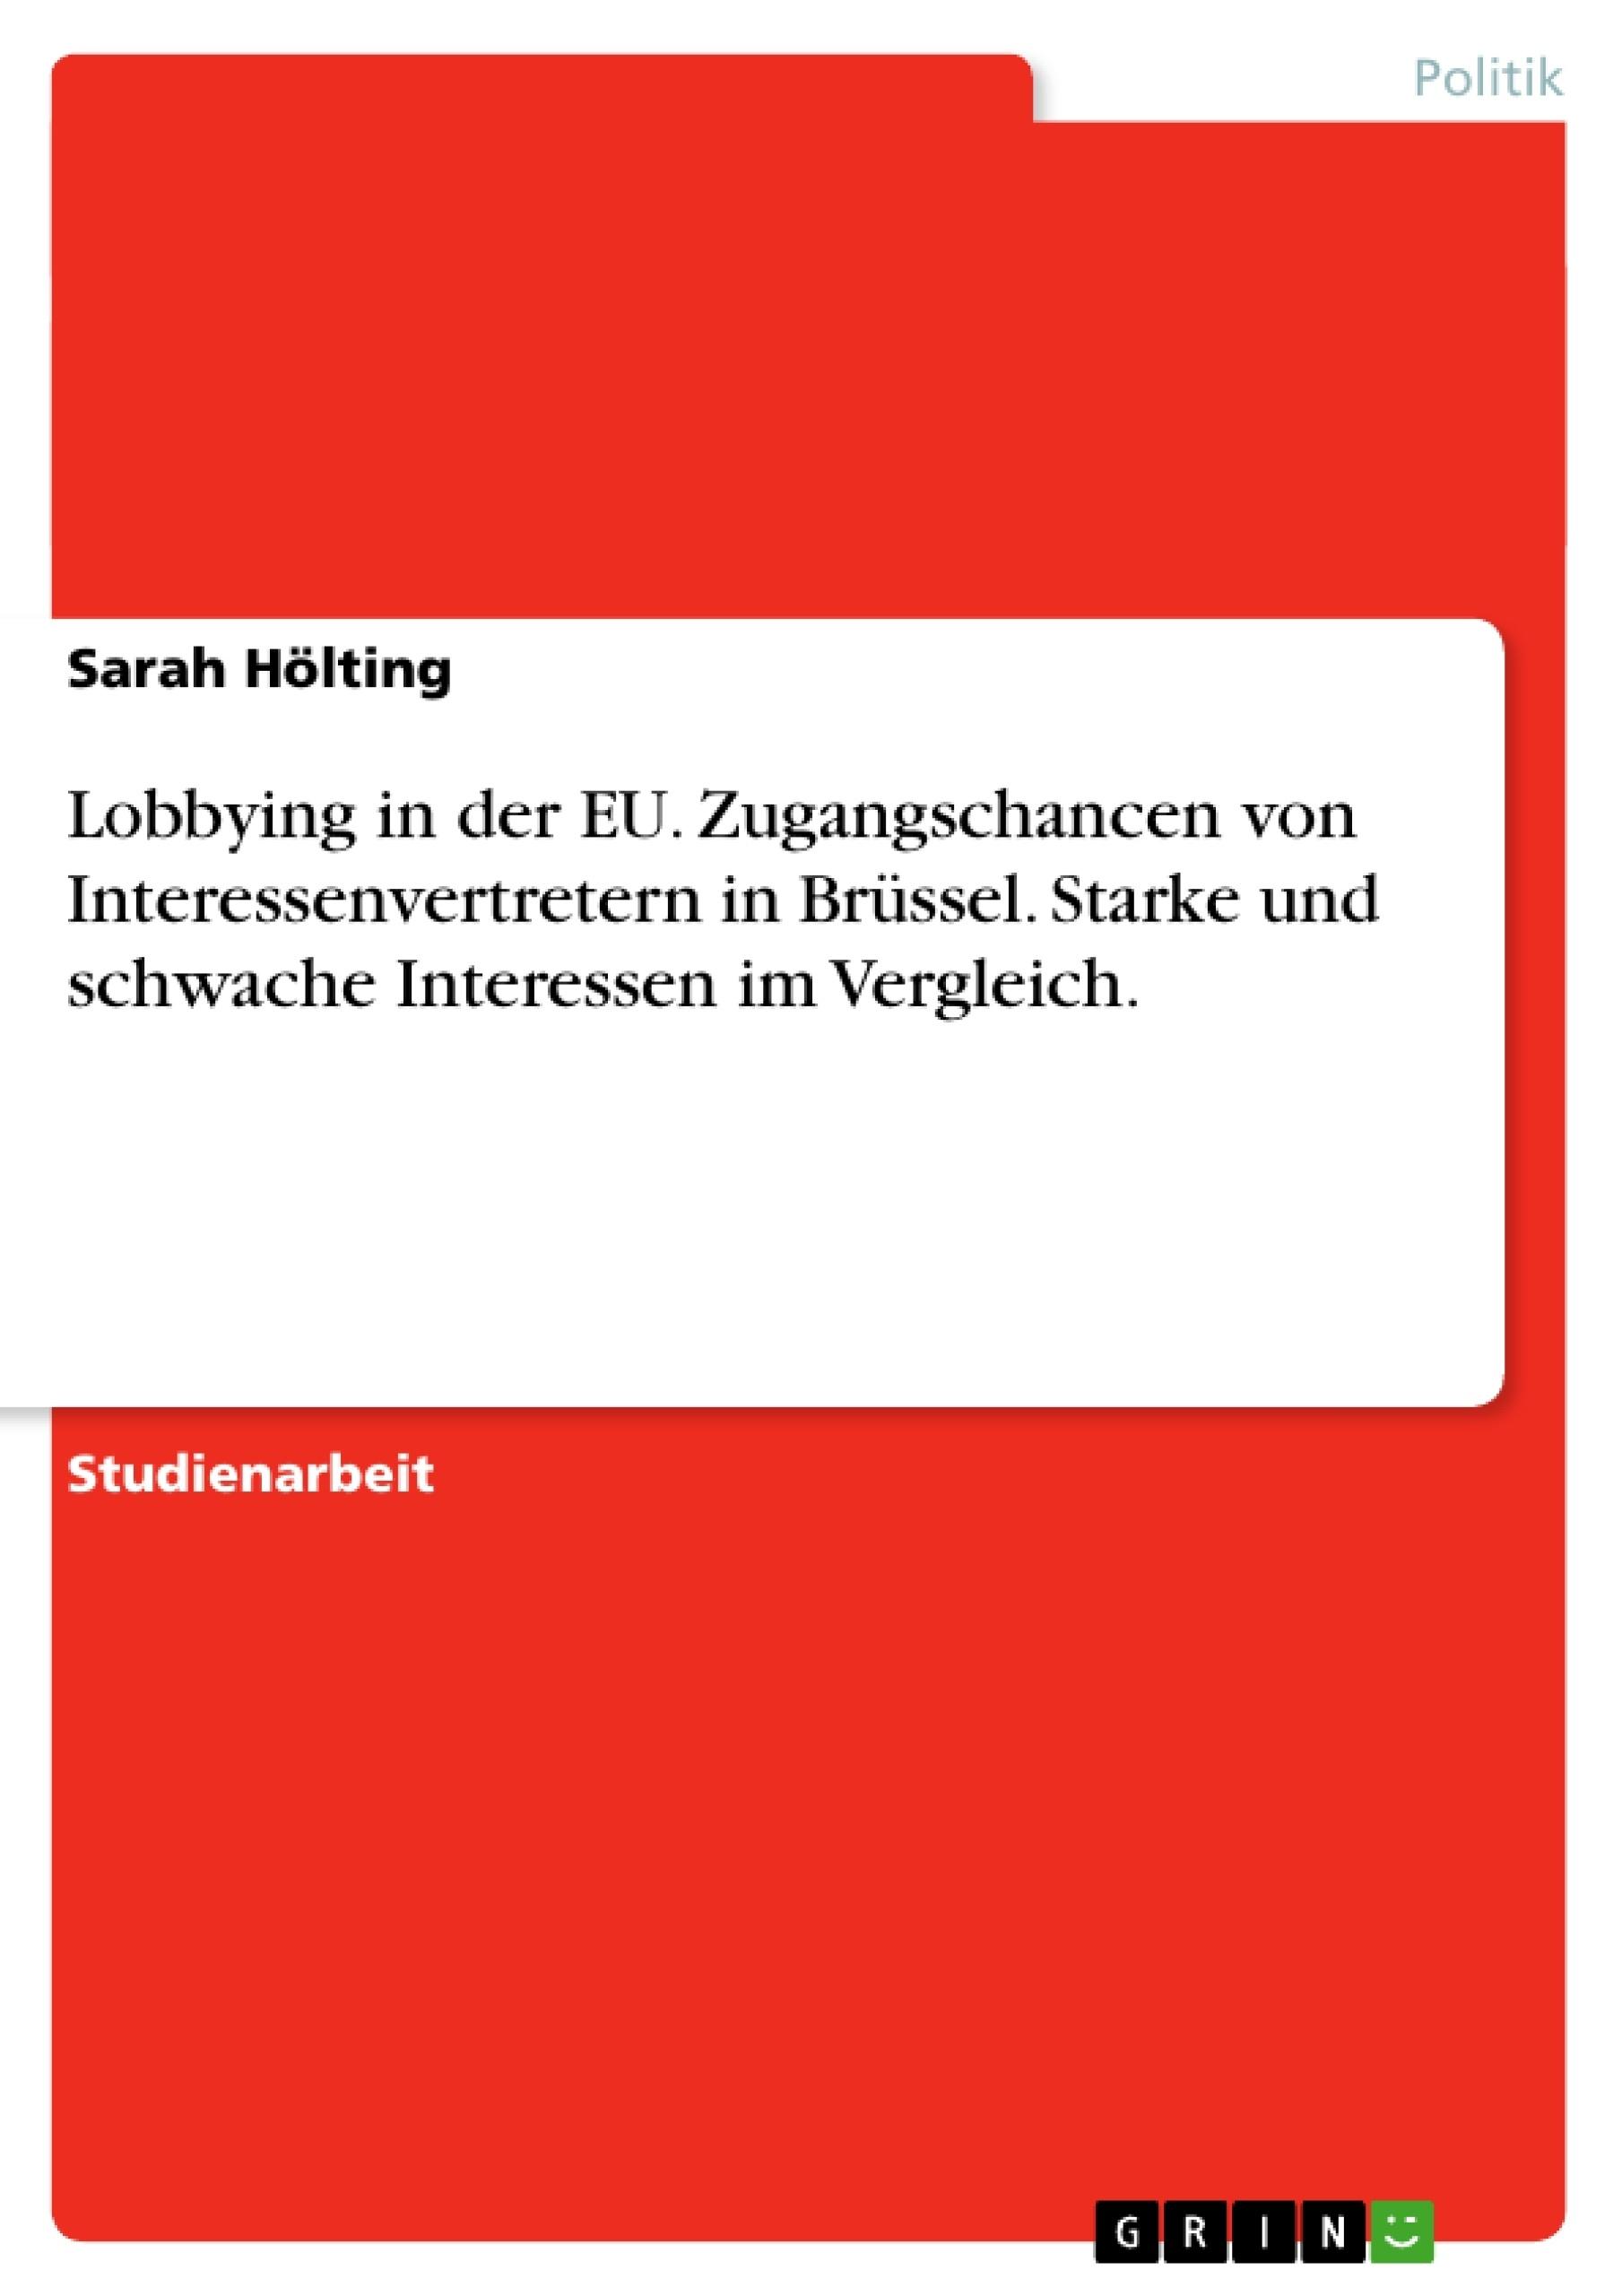 Titel: Lobbying in der EU. Zugangschancen von Interessenvertretern in Brüssel. Starke und schwache Interessen im Vergleich.